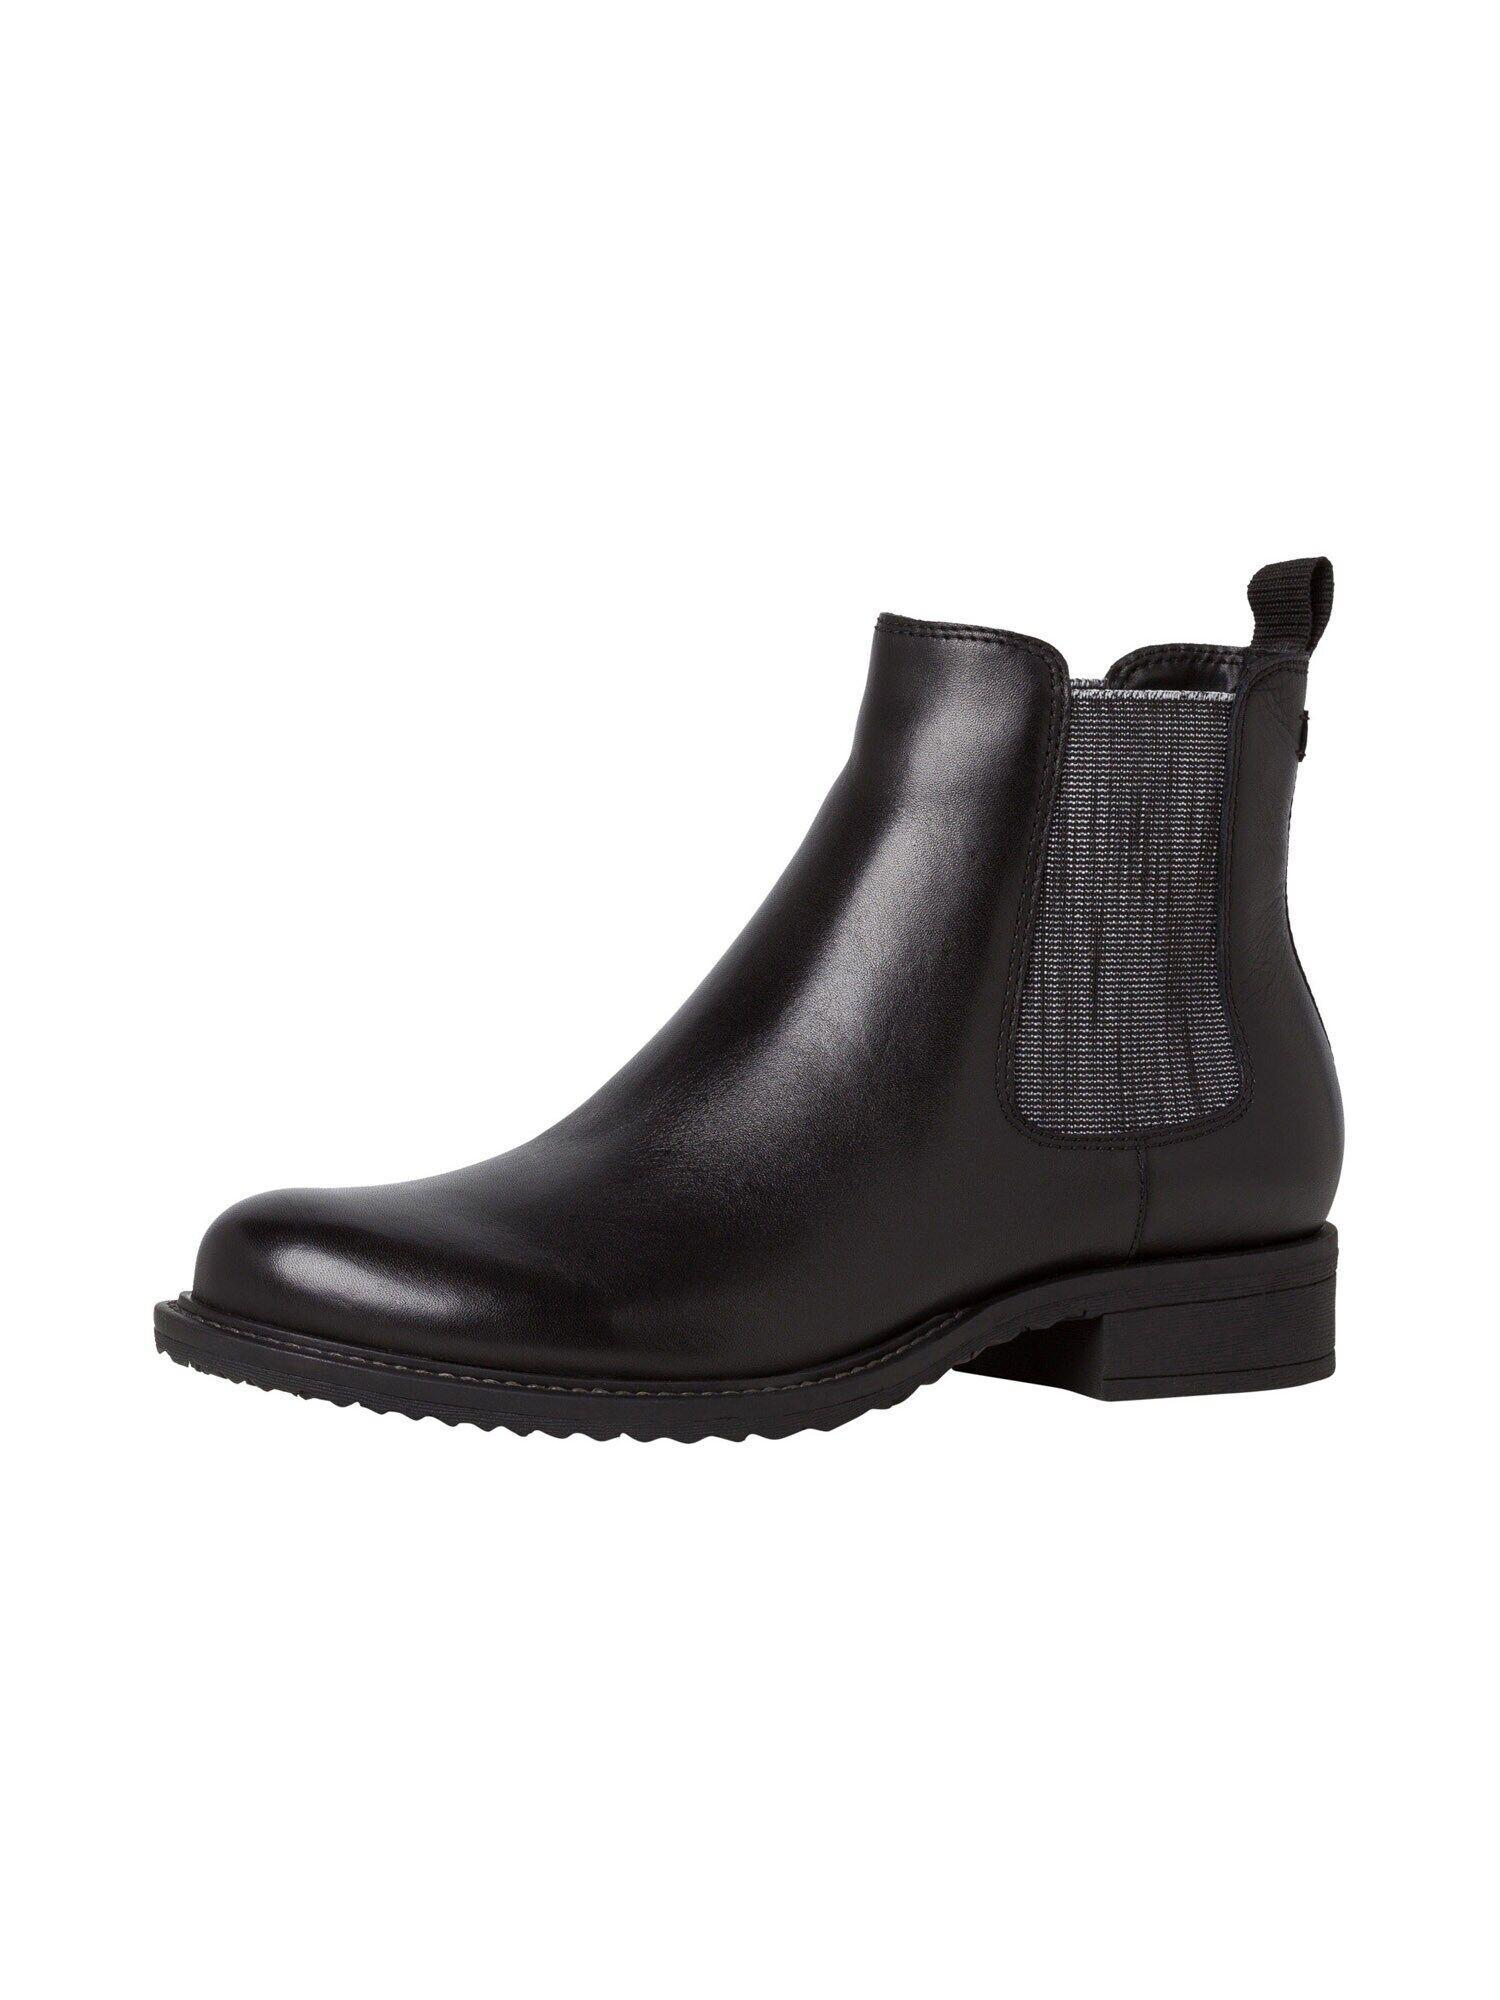 TAMARIS Chelsea Boots  - Noir - Taille: 36 - female